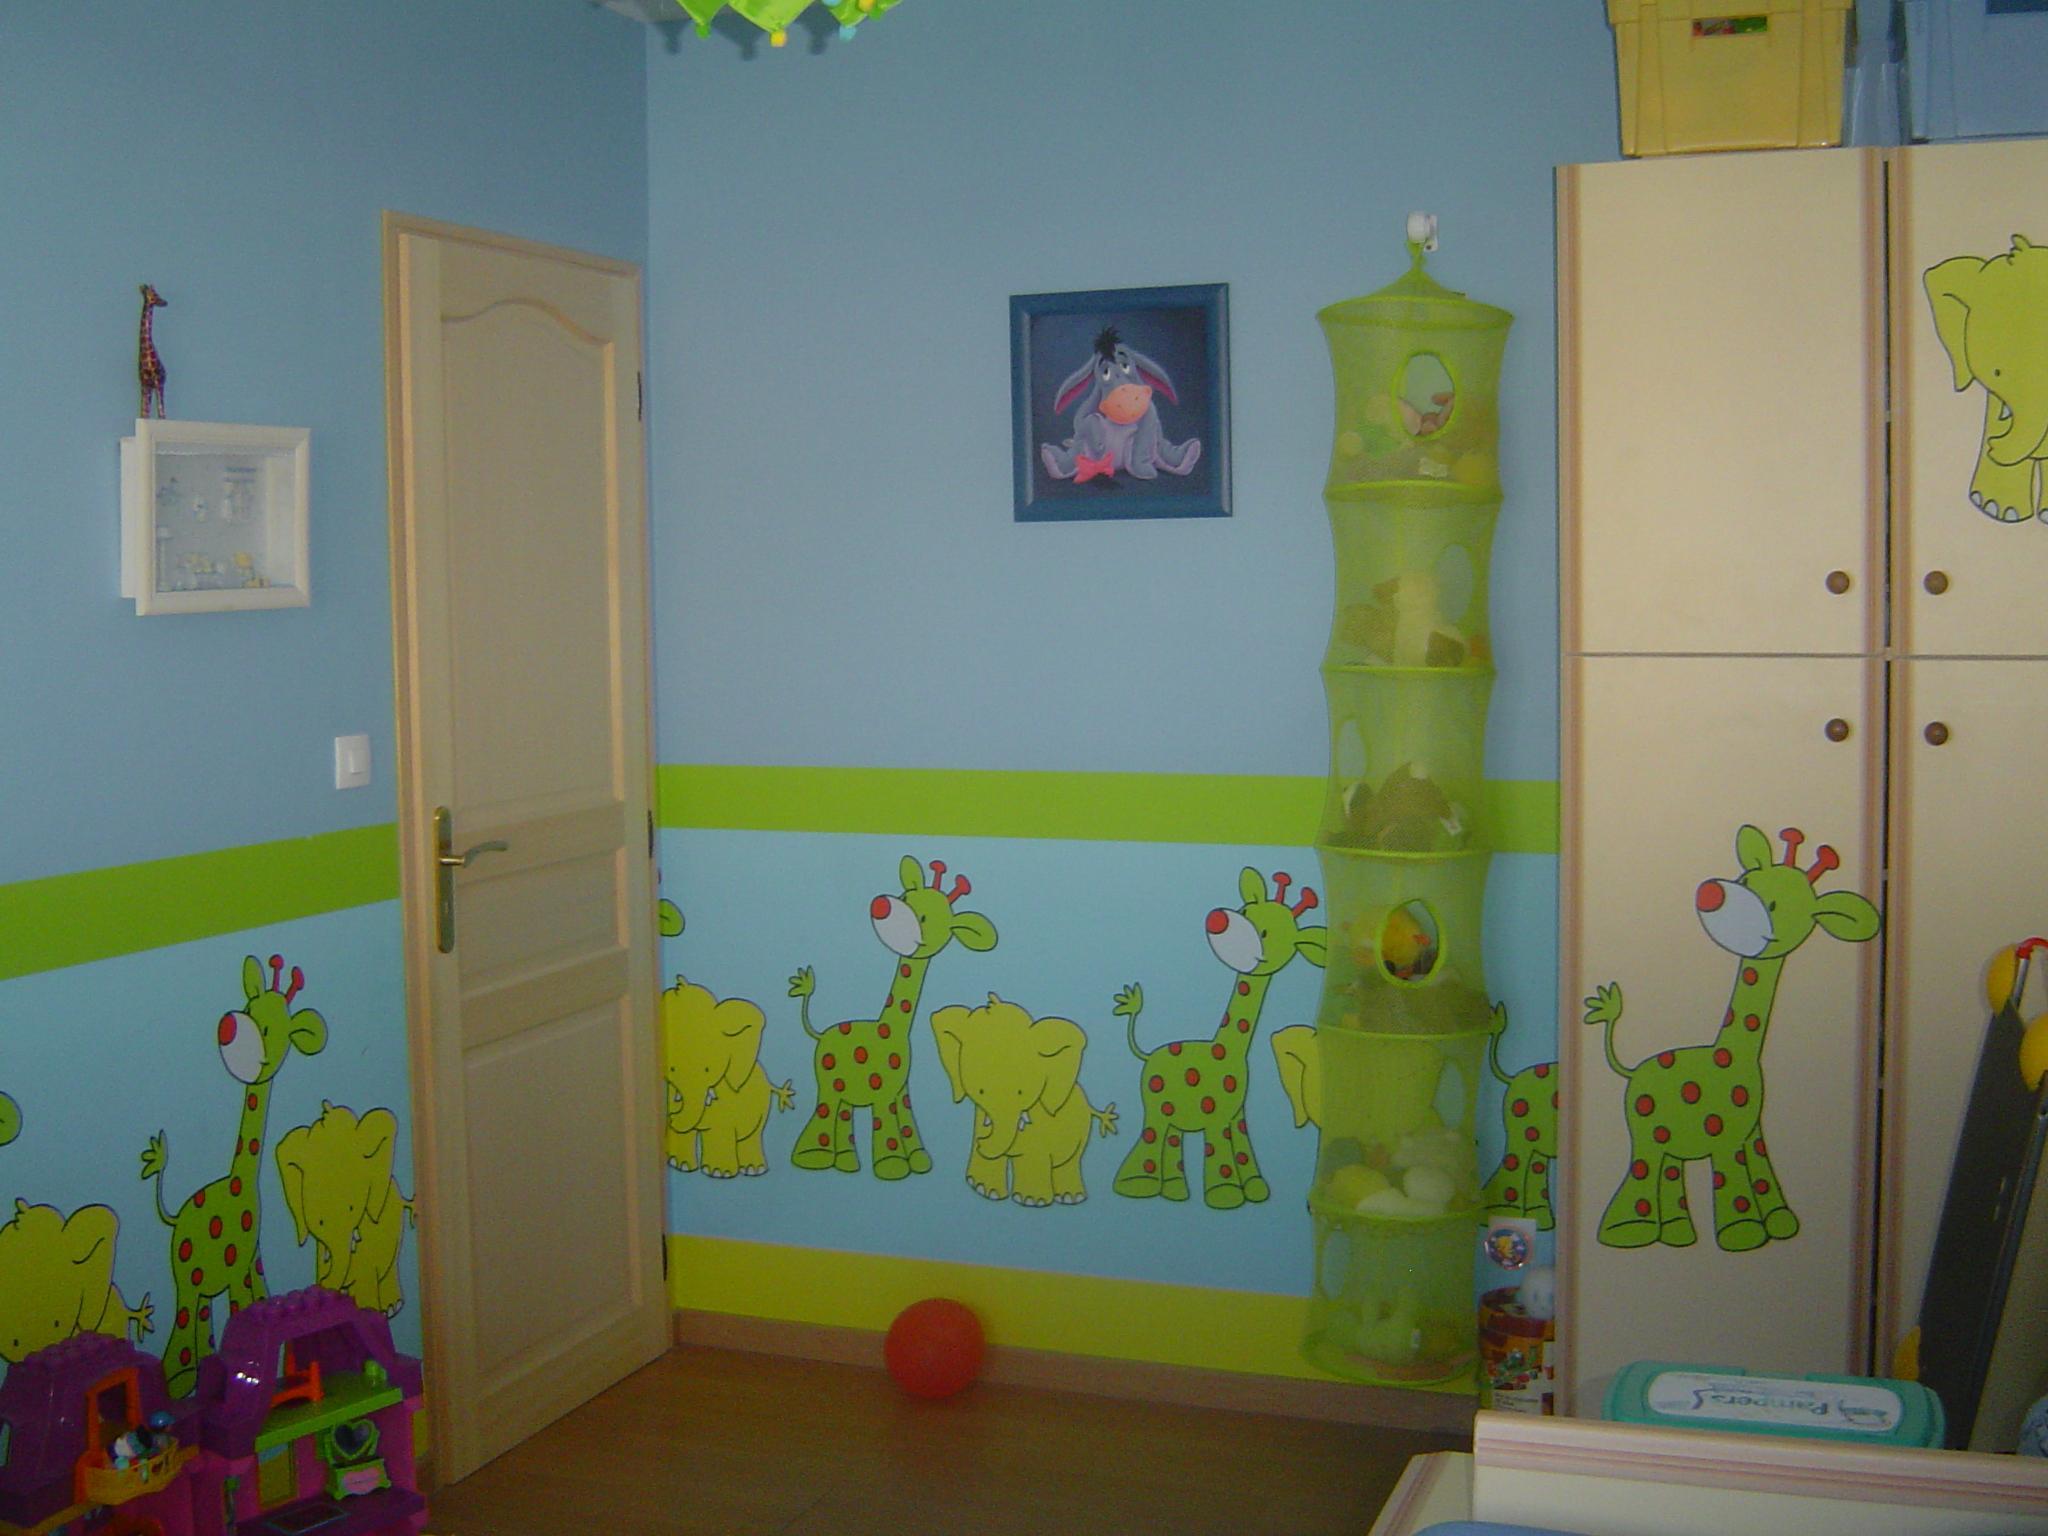 لغرفة اولادك روعةاحلى غرف نوم اطفال ****شمس****غرف نوم اطفال غريبه